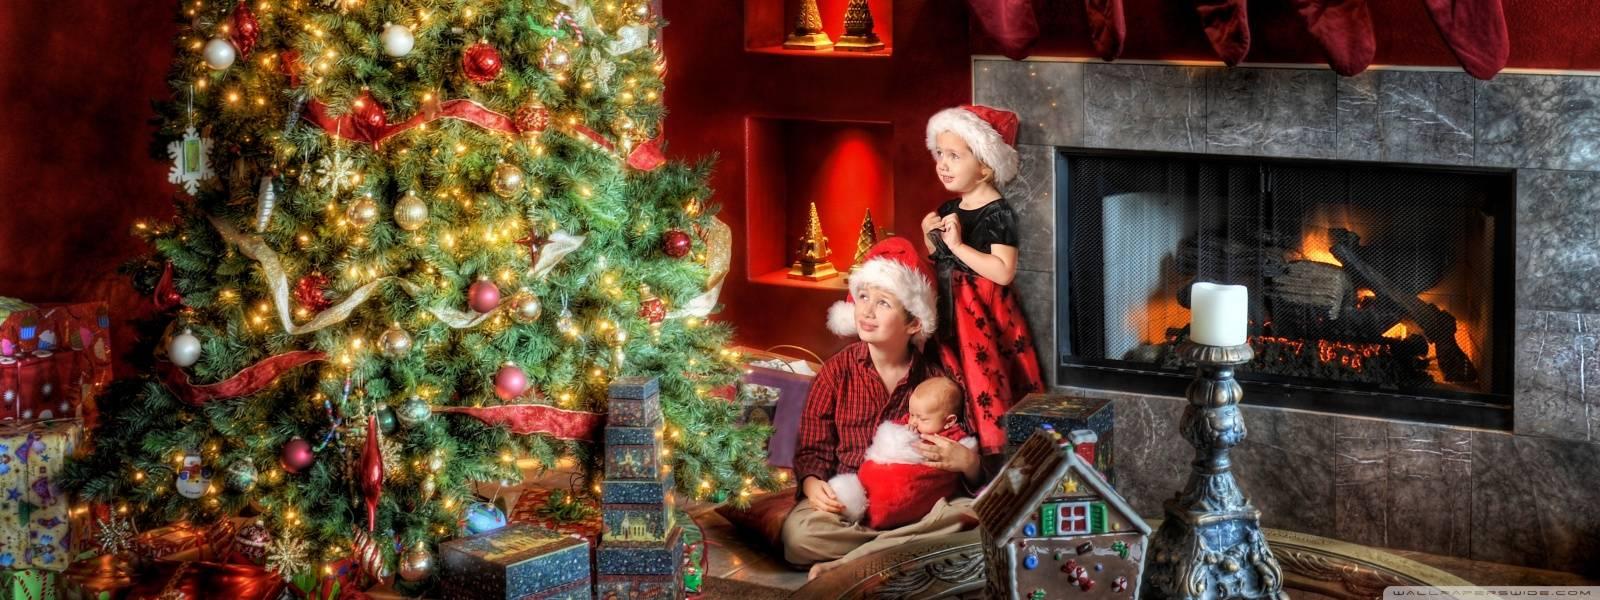 Wir wünschen allen unseren Kunden eine besinnliche Adventszeit